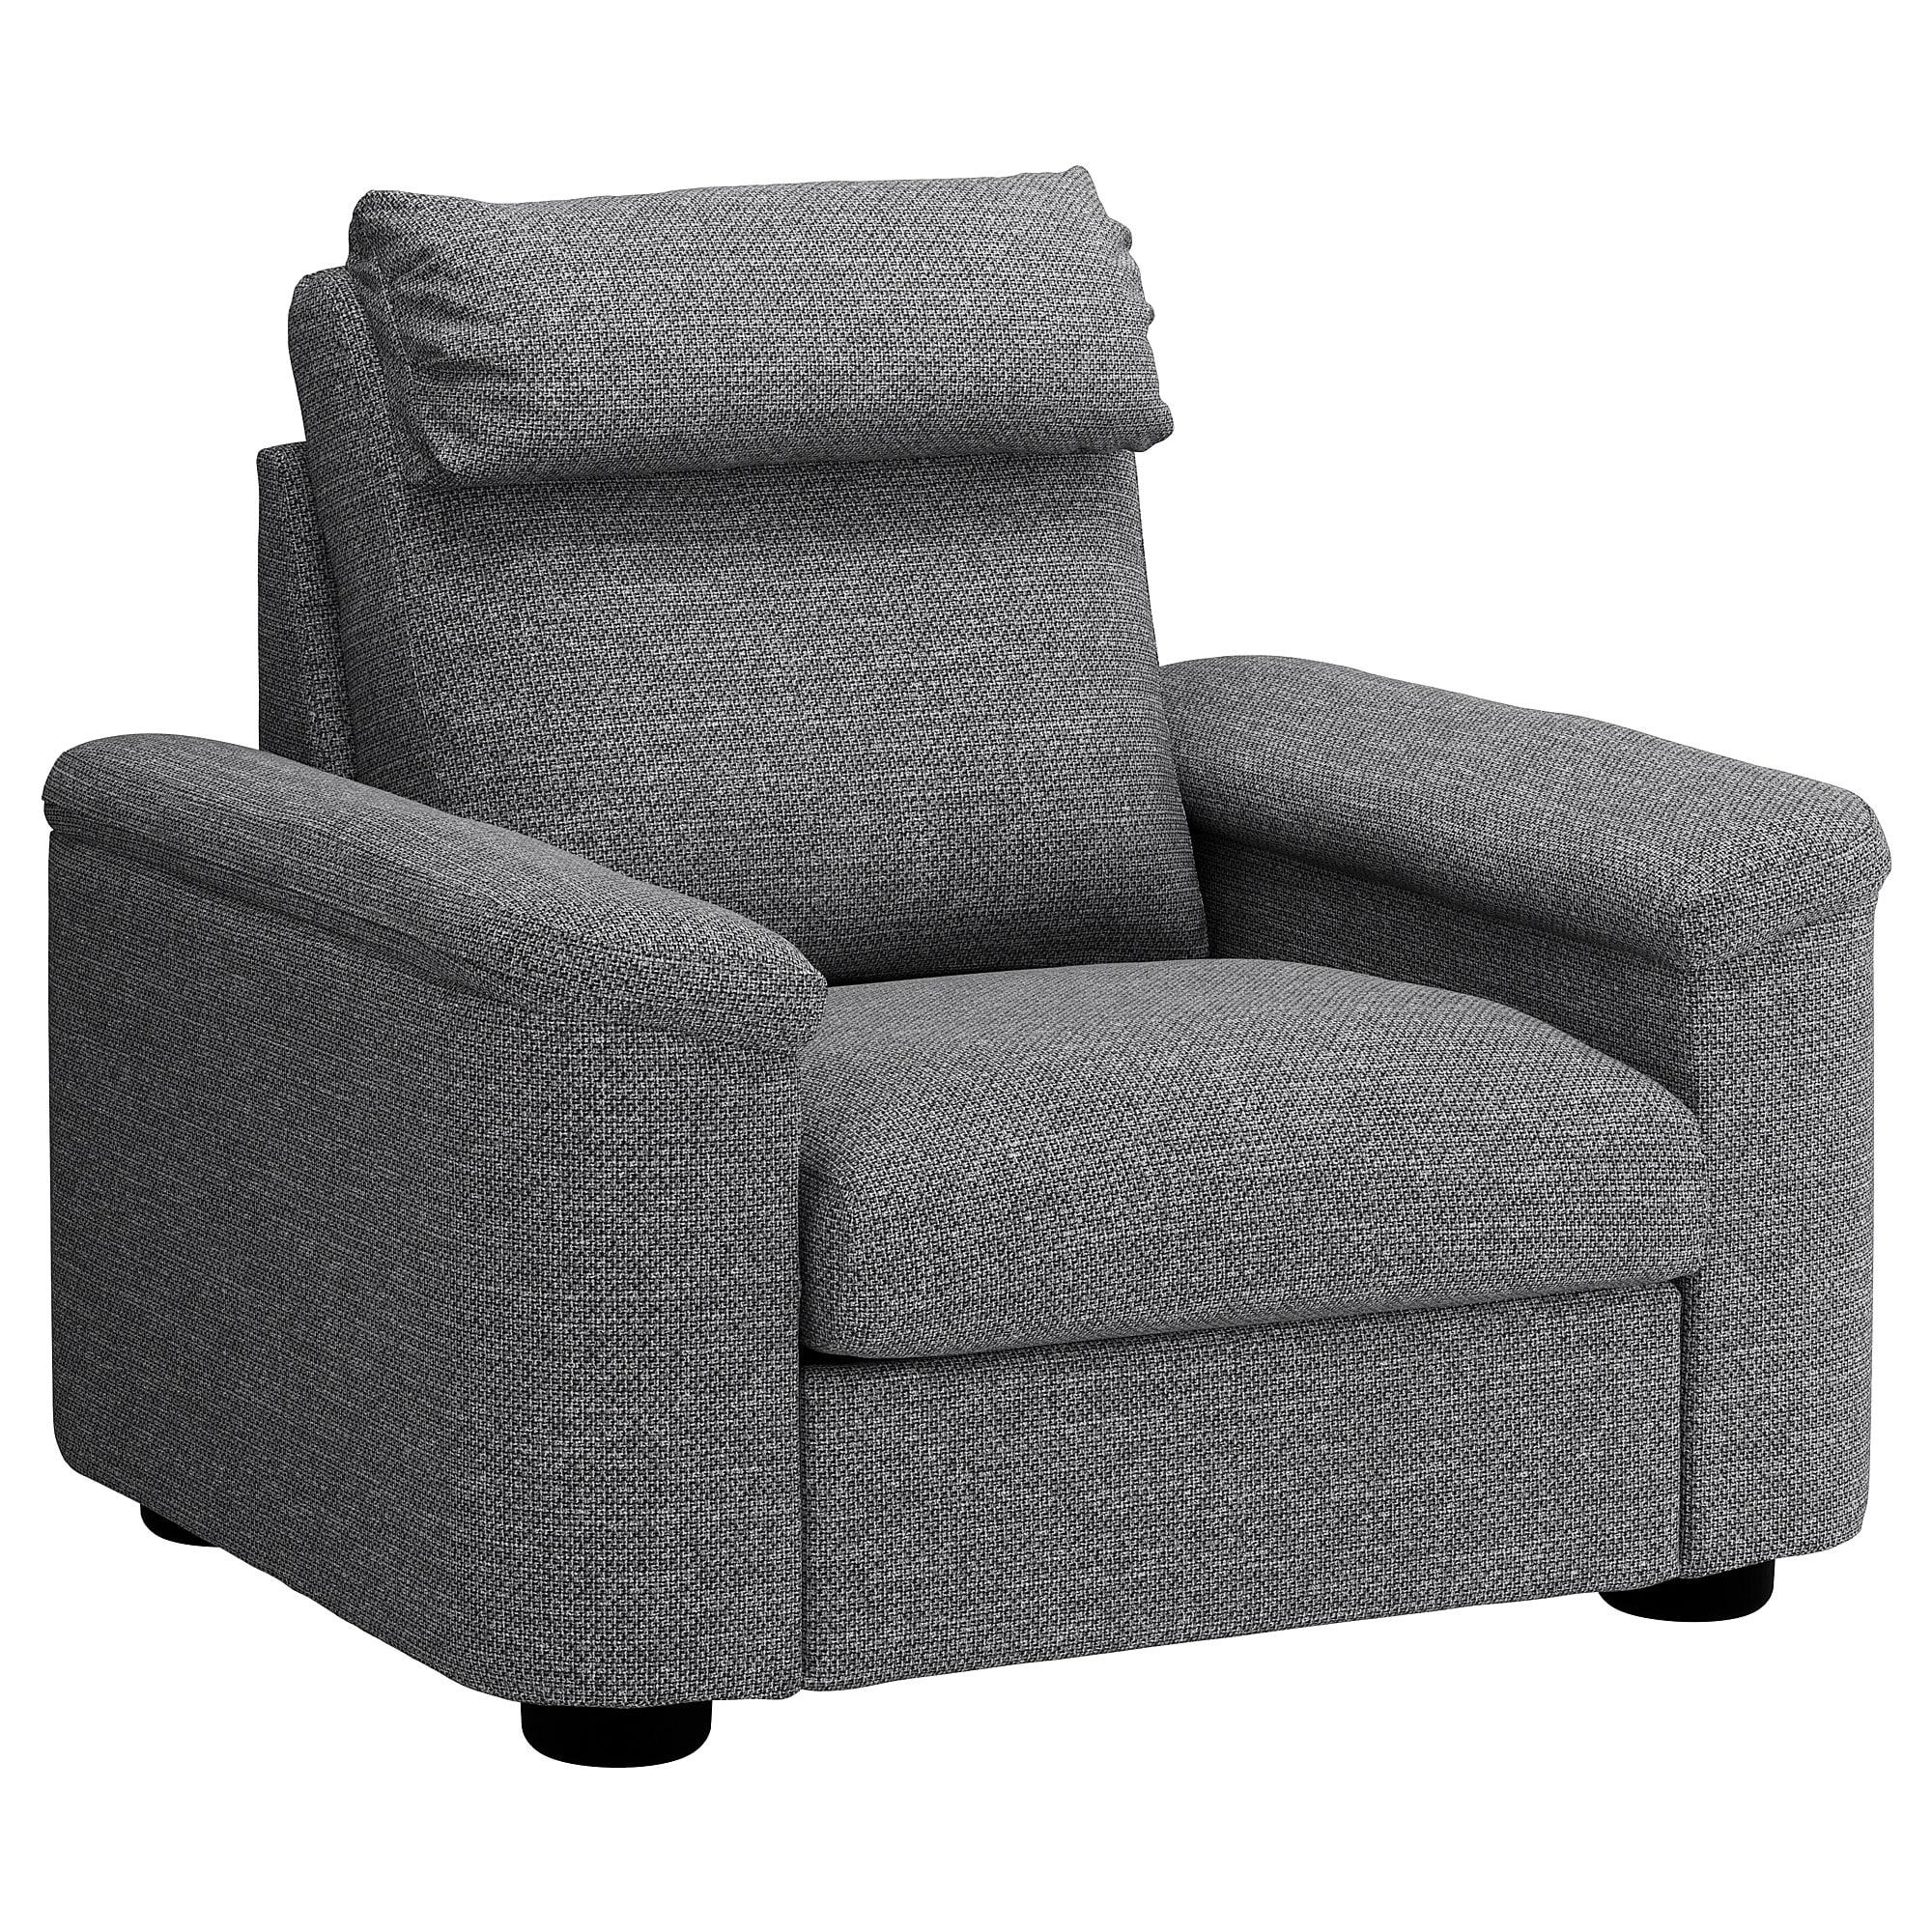 Sillon Relax Ikea Zwdg Sillones CÃ Modos Y De Calidad Pra Online Ikea